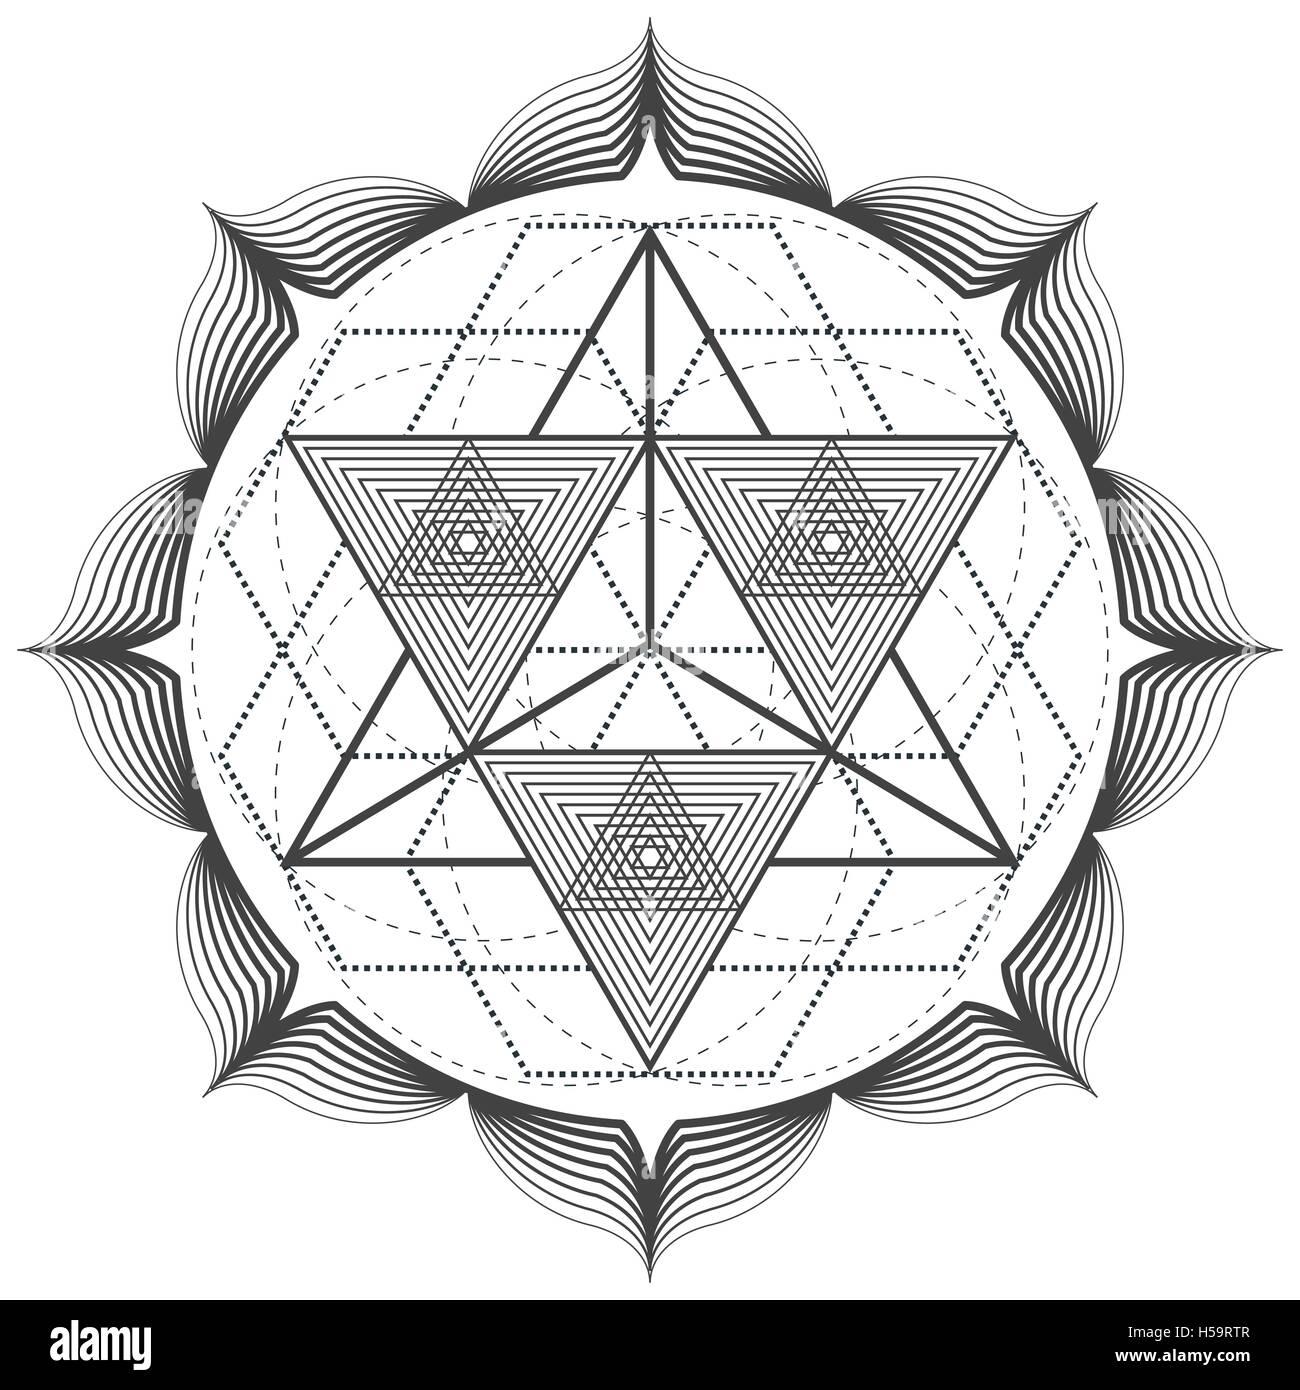 Tolle Heilige Geometrie Malvorlagen Ideen - Malvorlagen Von Tieren ...